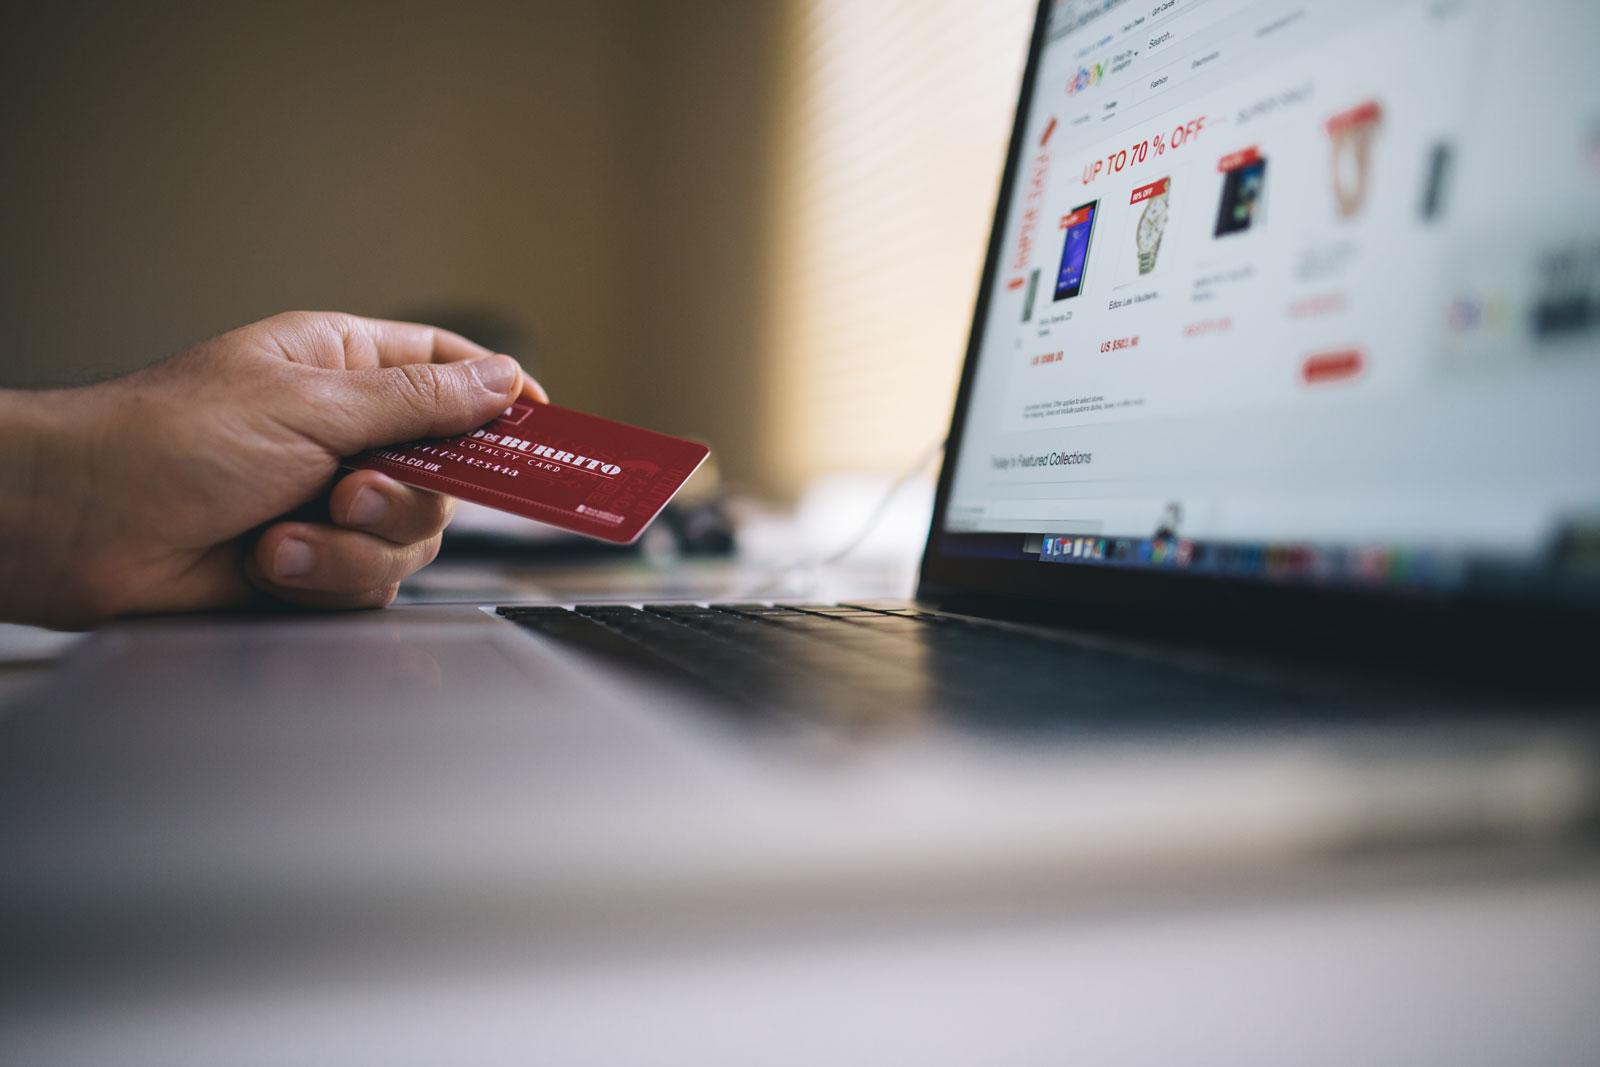 7 claves para mejorar la tasa de conversión en e-commerce